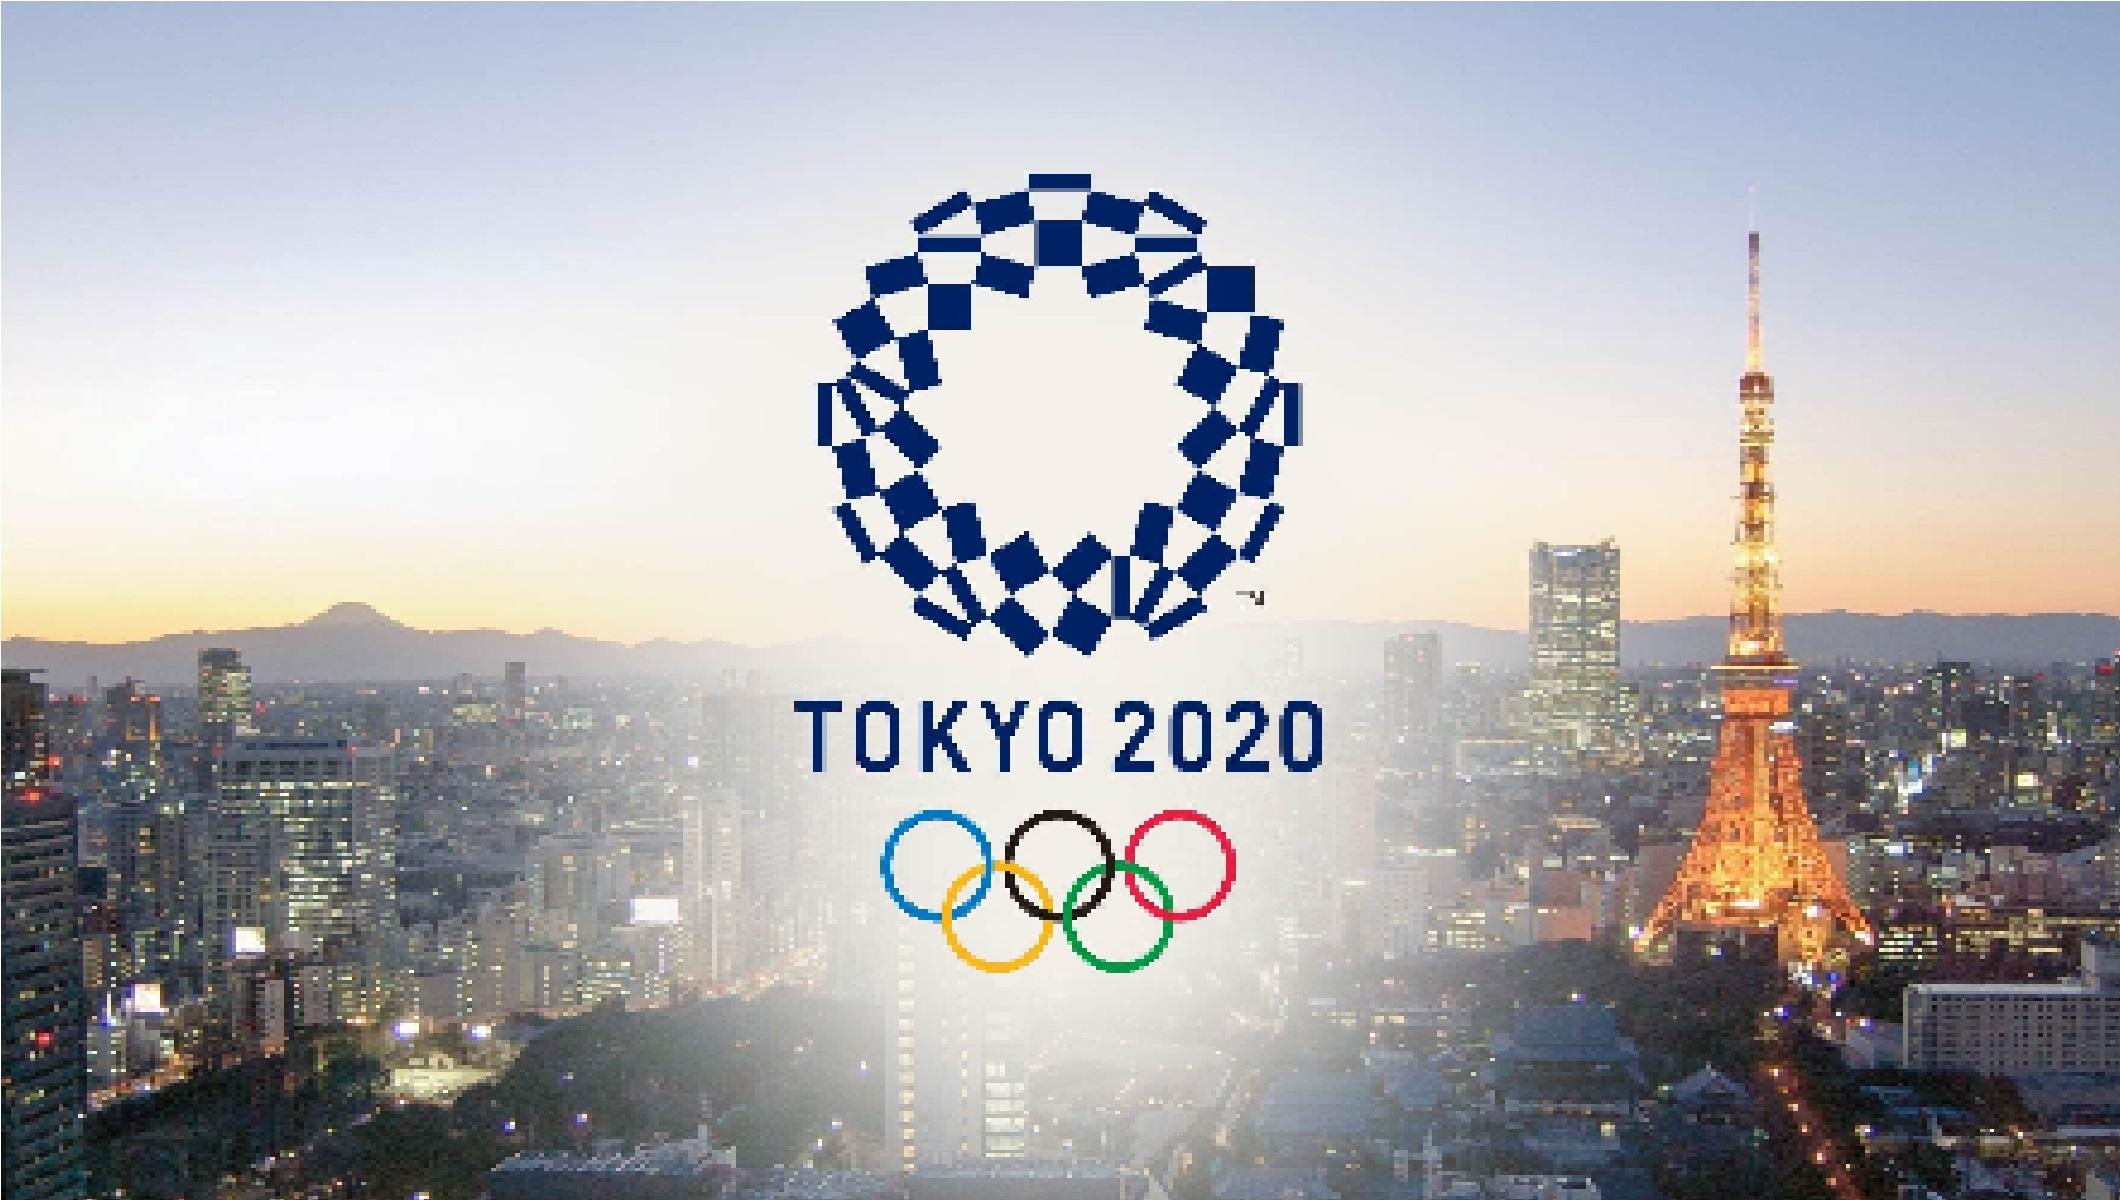 कोरोना का कहर : 1 साल के लिए टला टोक्यो ओलंपिक